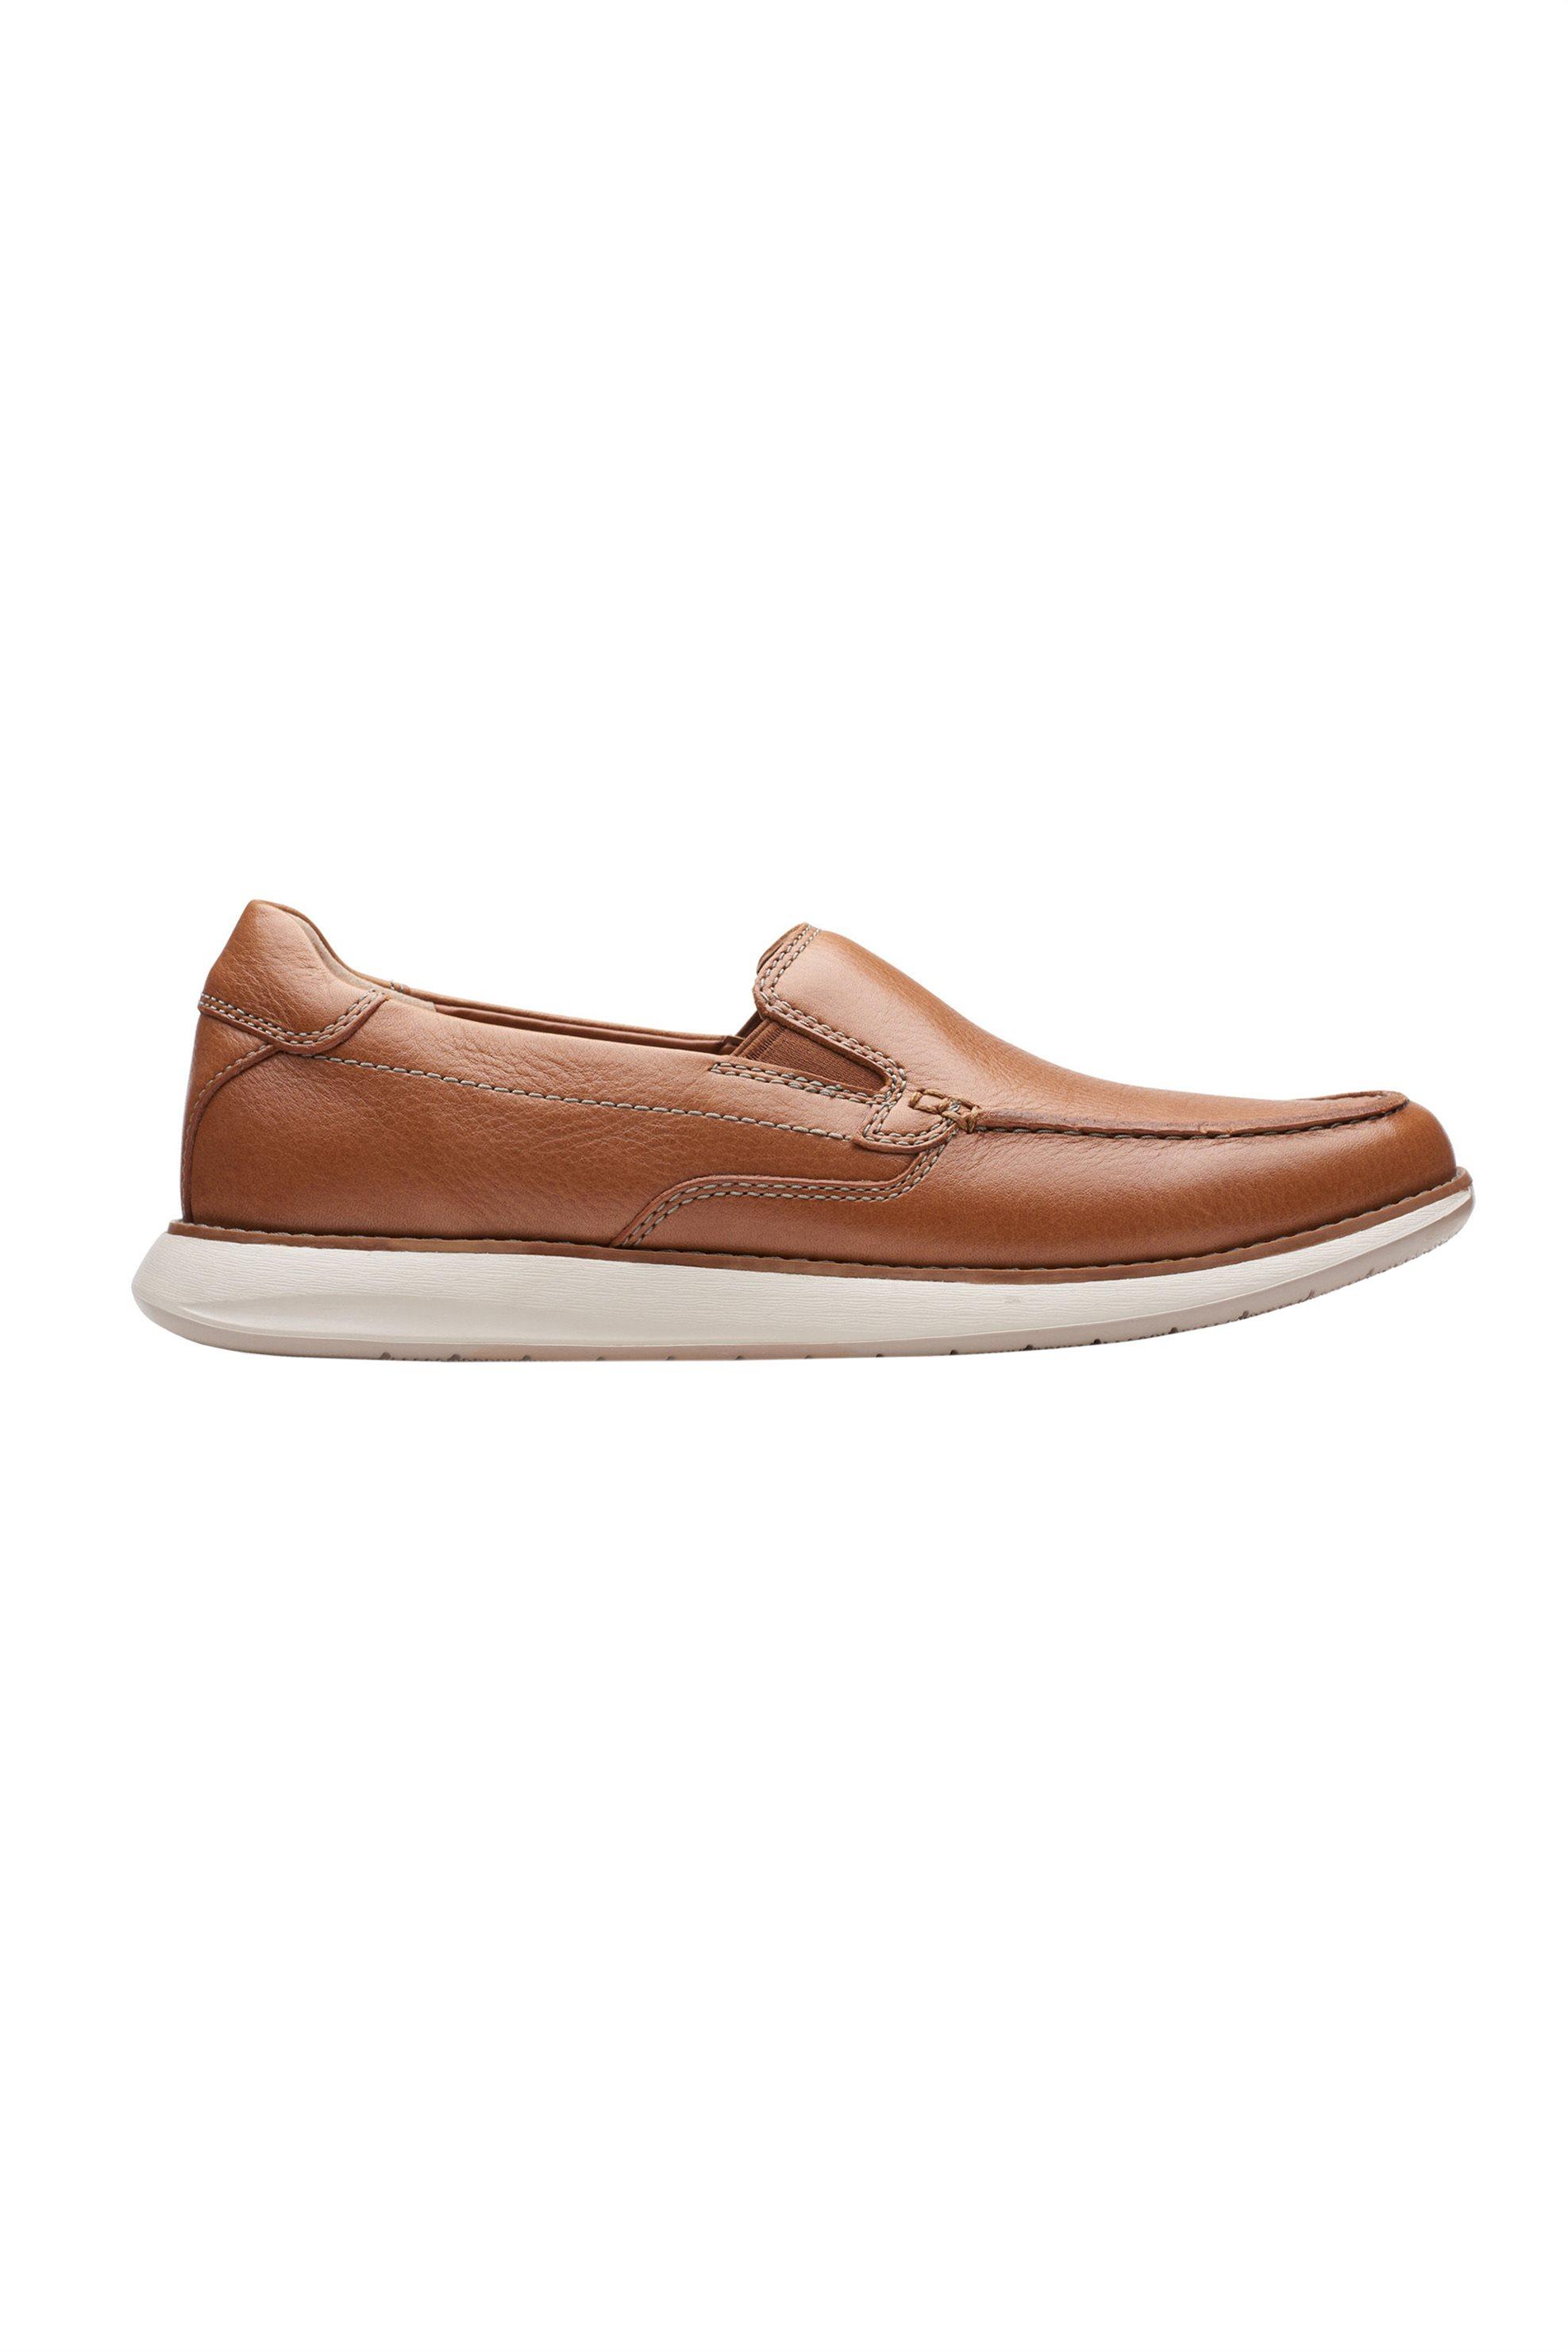 """Clarks ανδρικά δερμάτινα παπούτσια """"Un Pilot Step"""" – 26148664 – Ταμπά"""